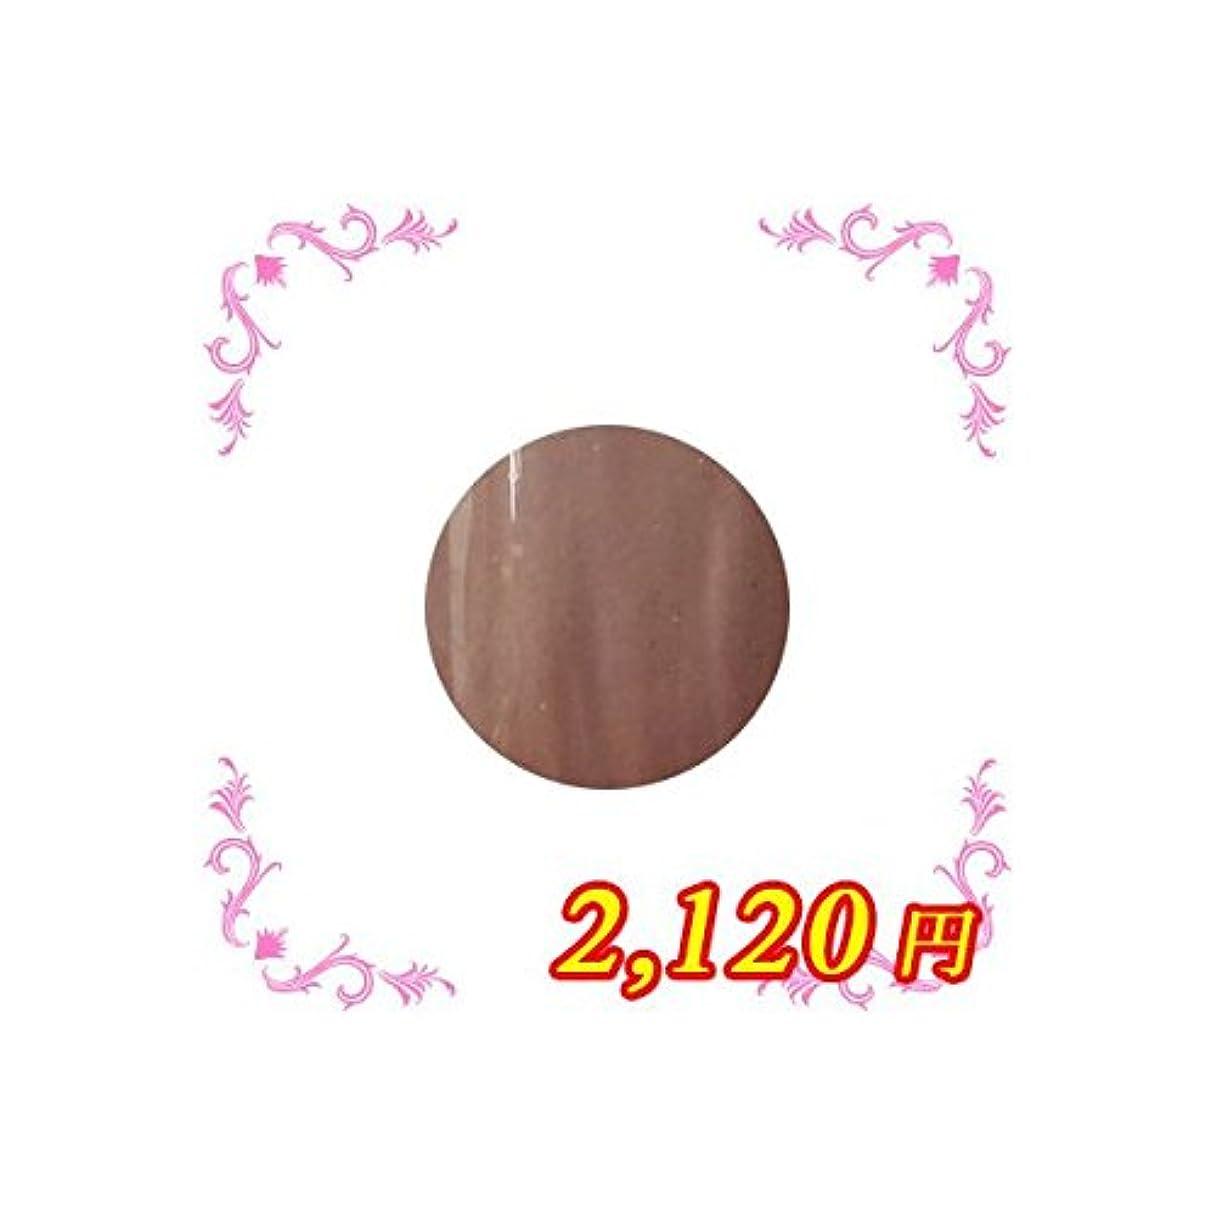 わずらわしい許容できる否認するVETRO ベトロ NO.19 カラージェル 4ml VL261ジュエルアンバー